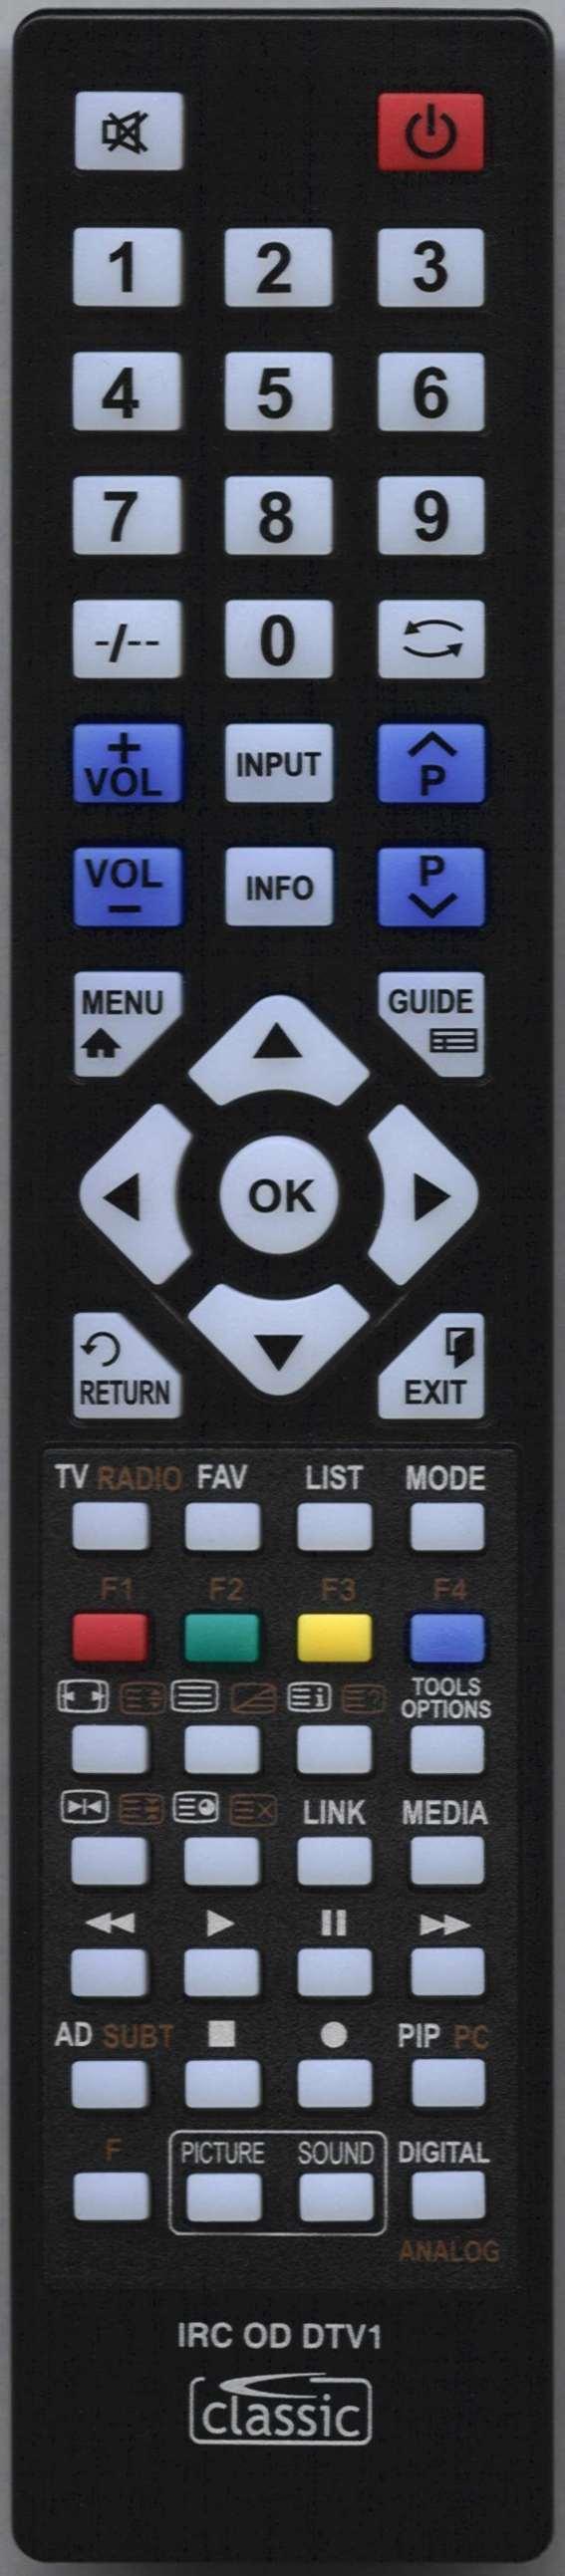 MATSUI RP55-27ME Remote Control